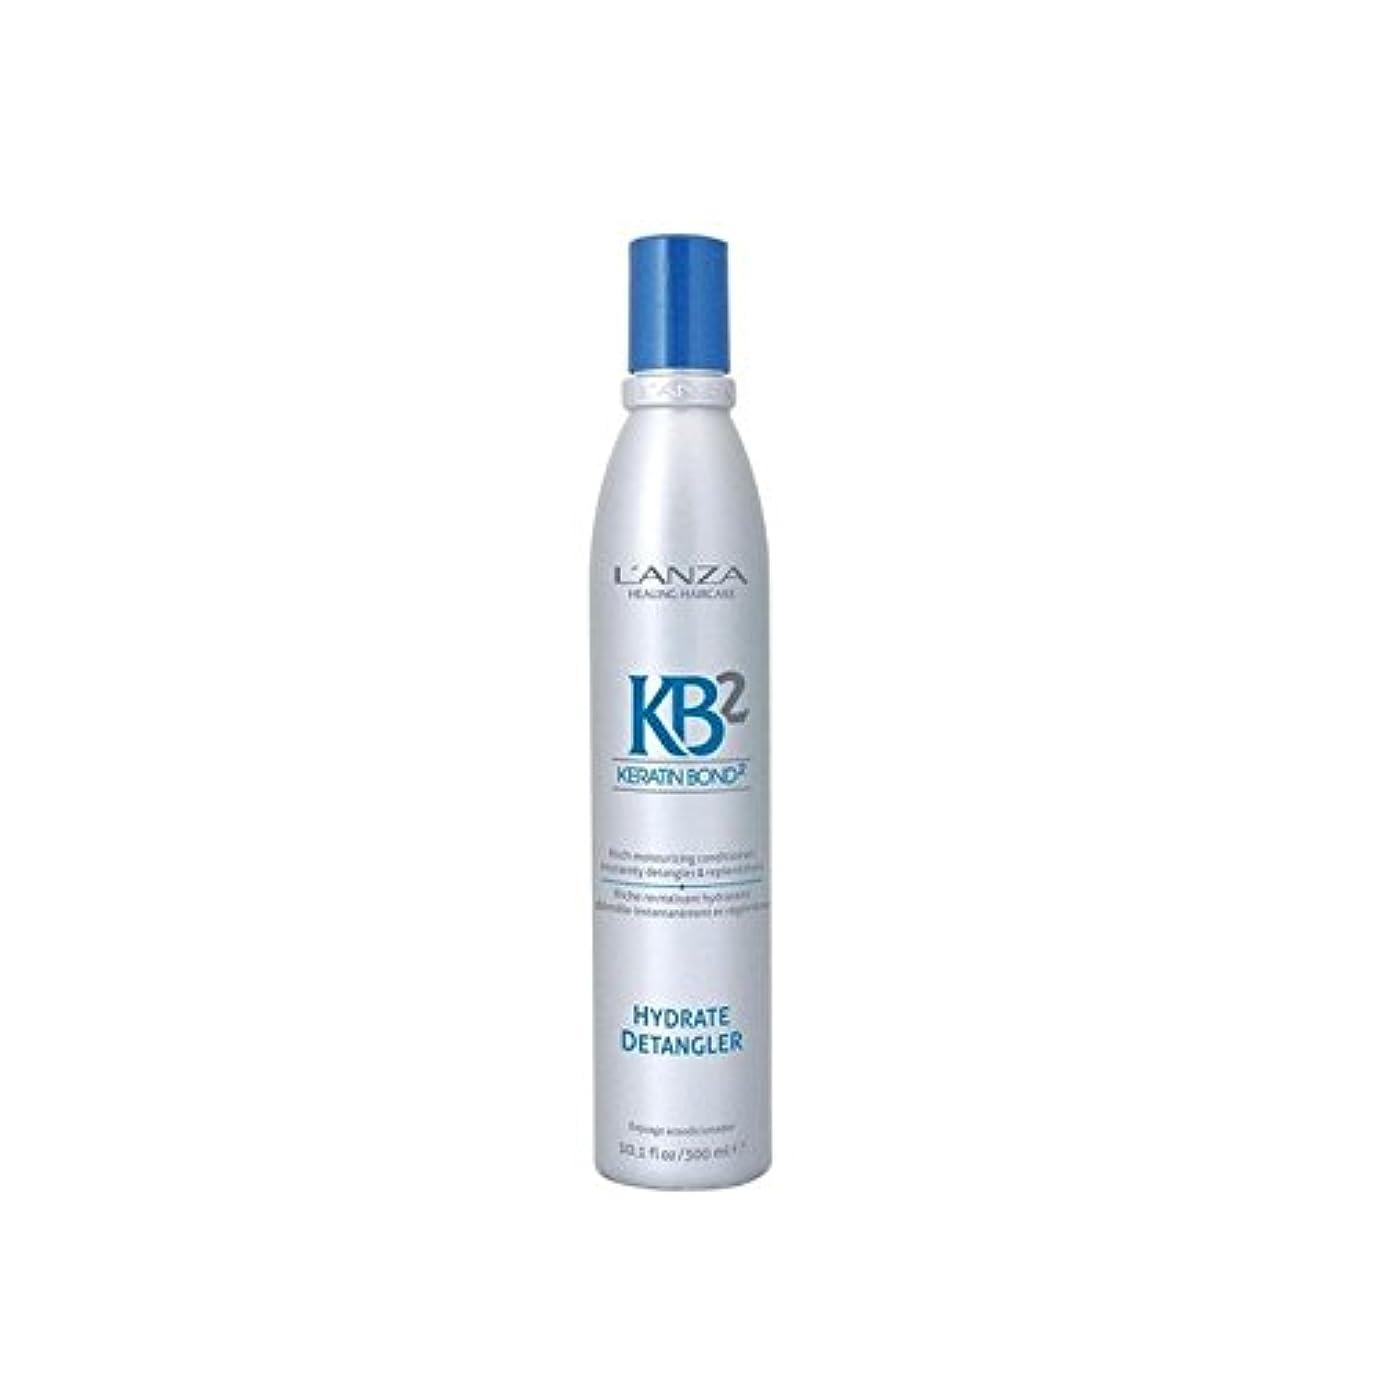 見捨てられた疲労西L'Anza Kb2 Hydrate Detangler (300ml) - アンザ2和物(300ミリリットル) [並行輸入品]